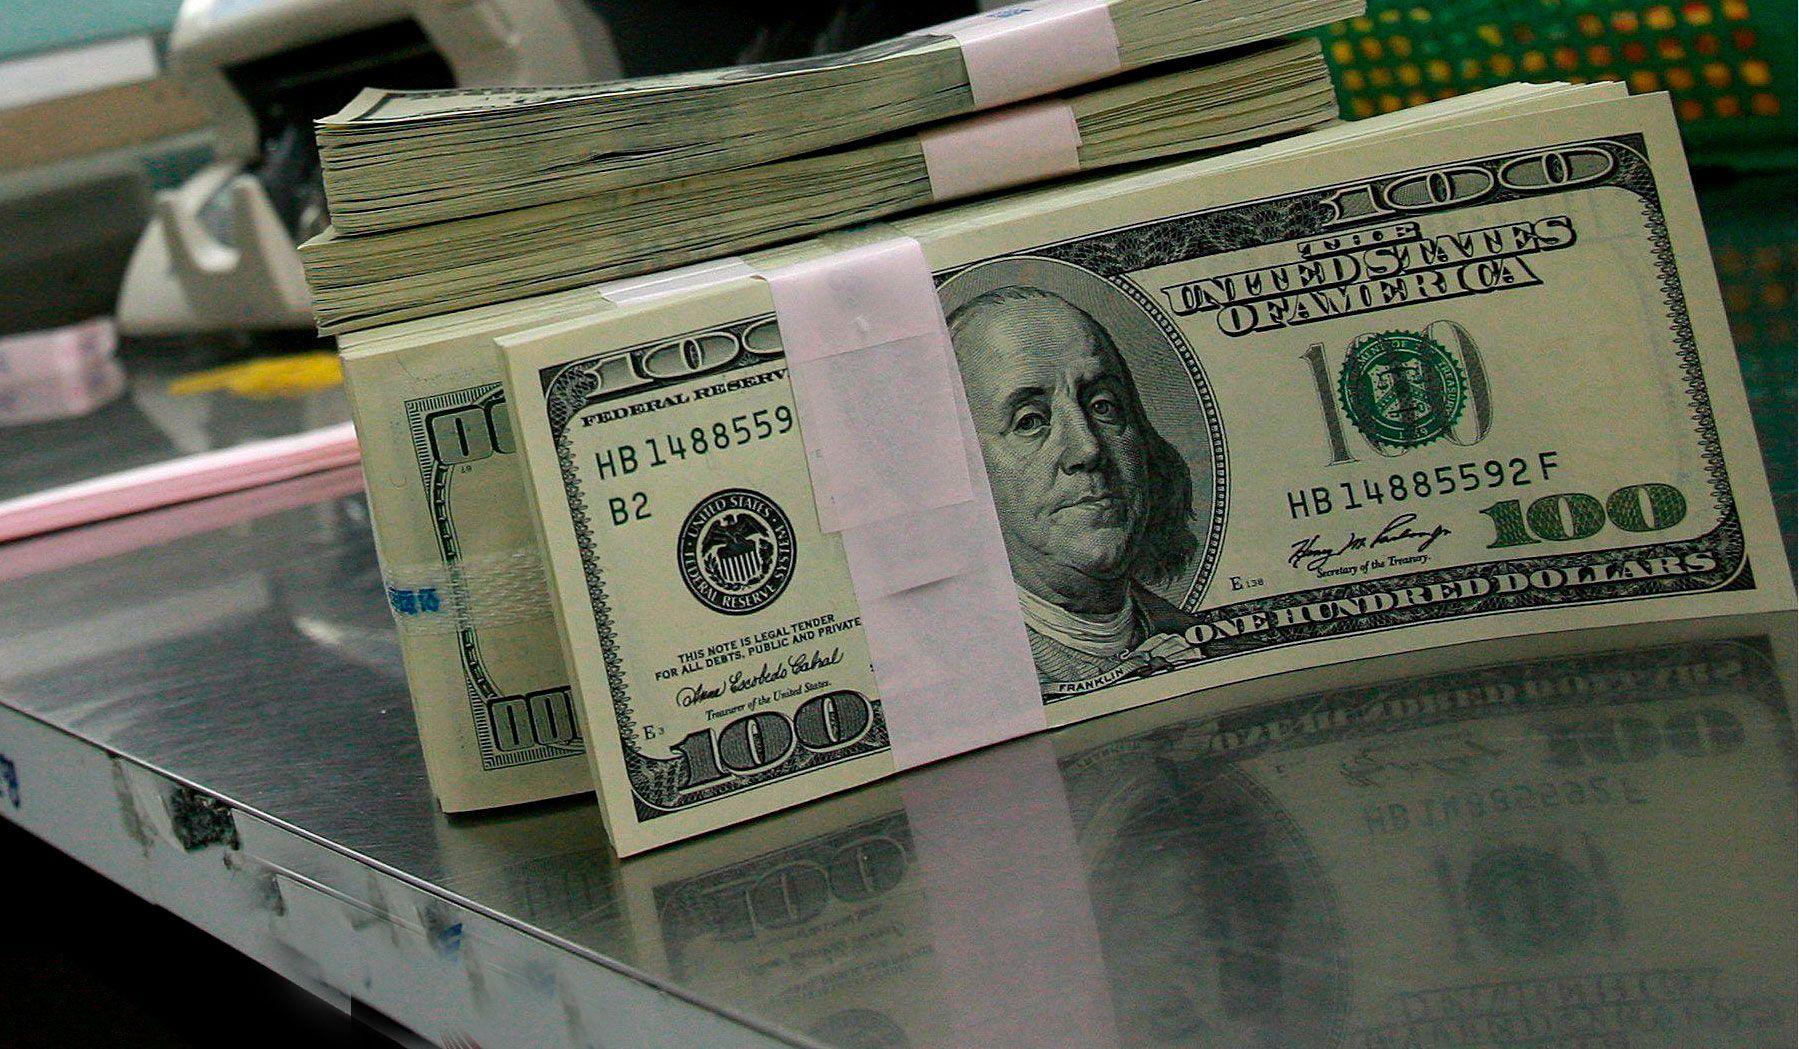 Por muerte o divorcio, hay deudas que nadie reclama por más u$s1500 millones